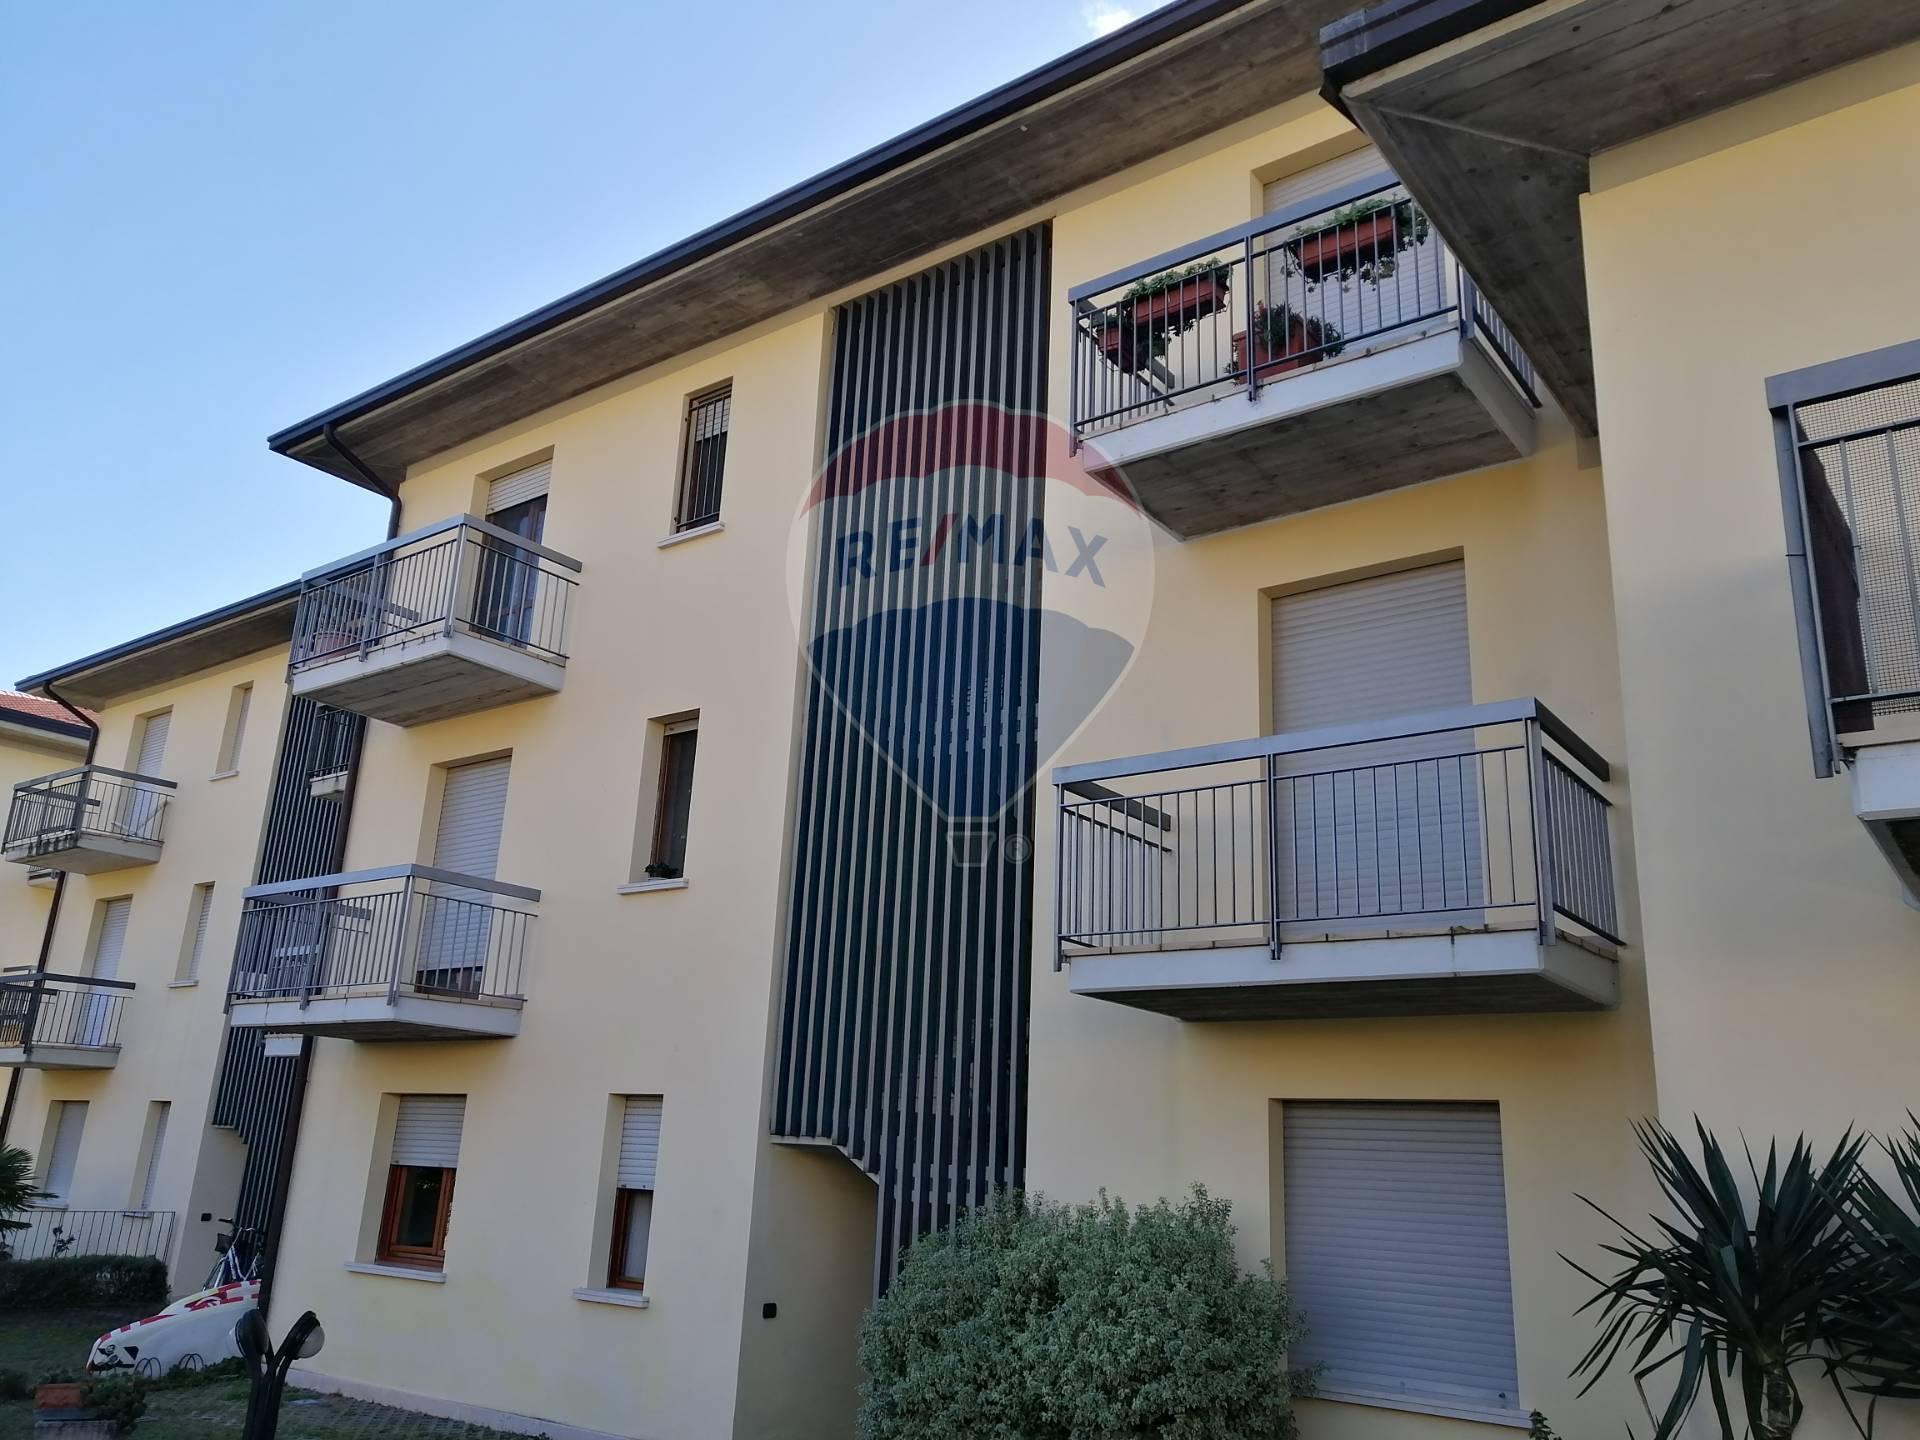 Appartamento in vendita a Toscolano-Maderno, 3 locali, zona Zona: Maderno, prezzo € 260.000 | CambioCasa.it